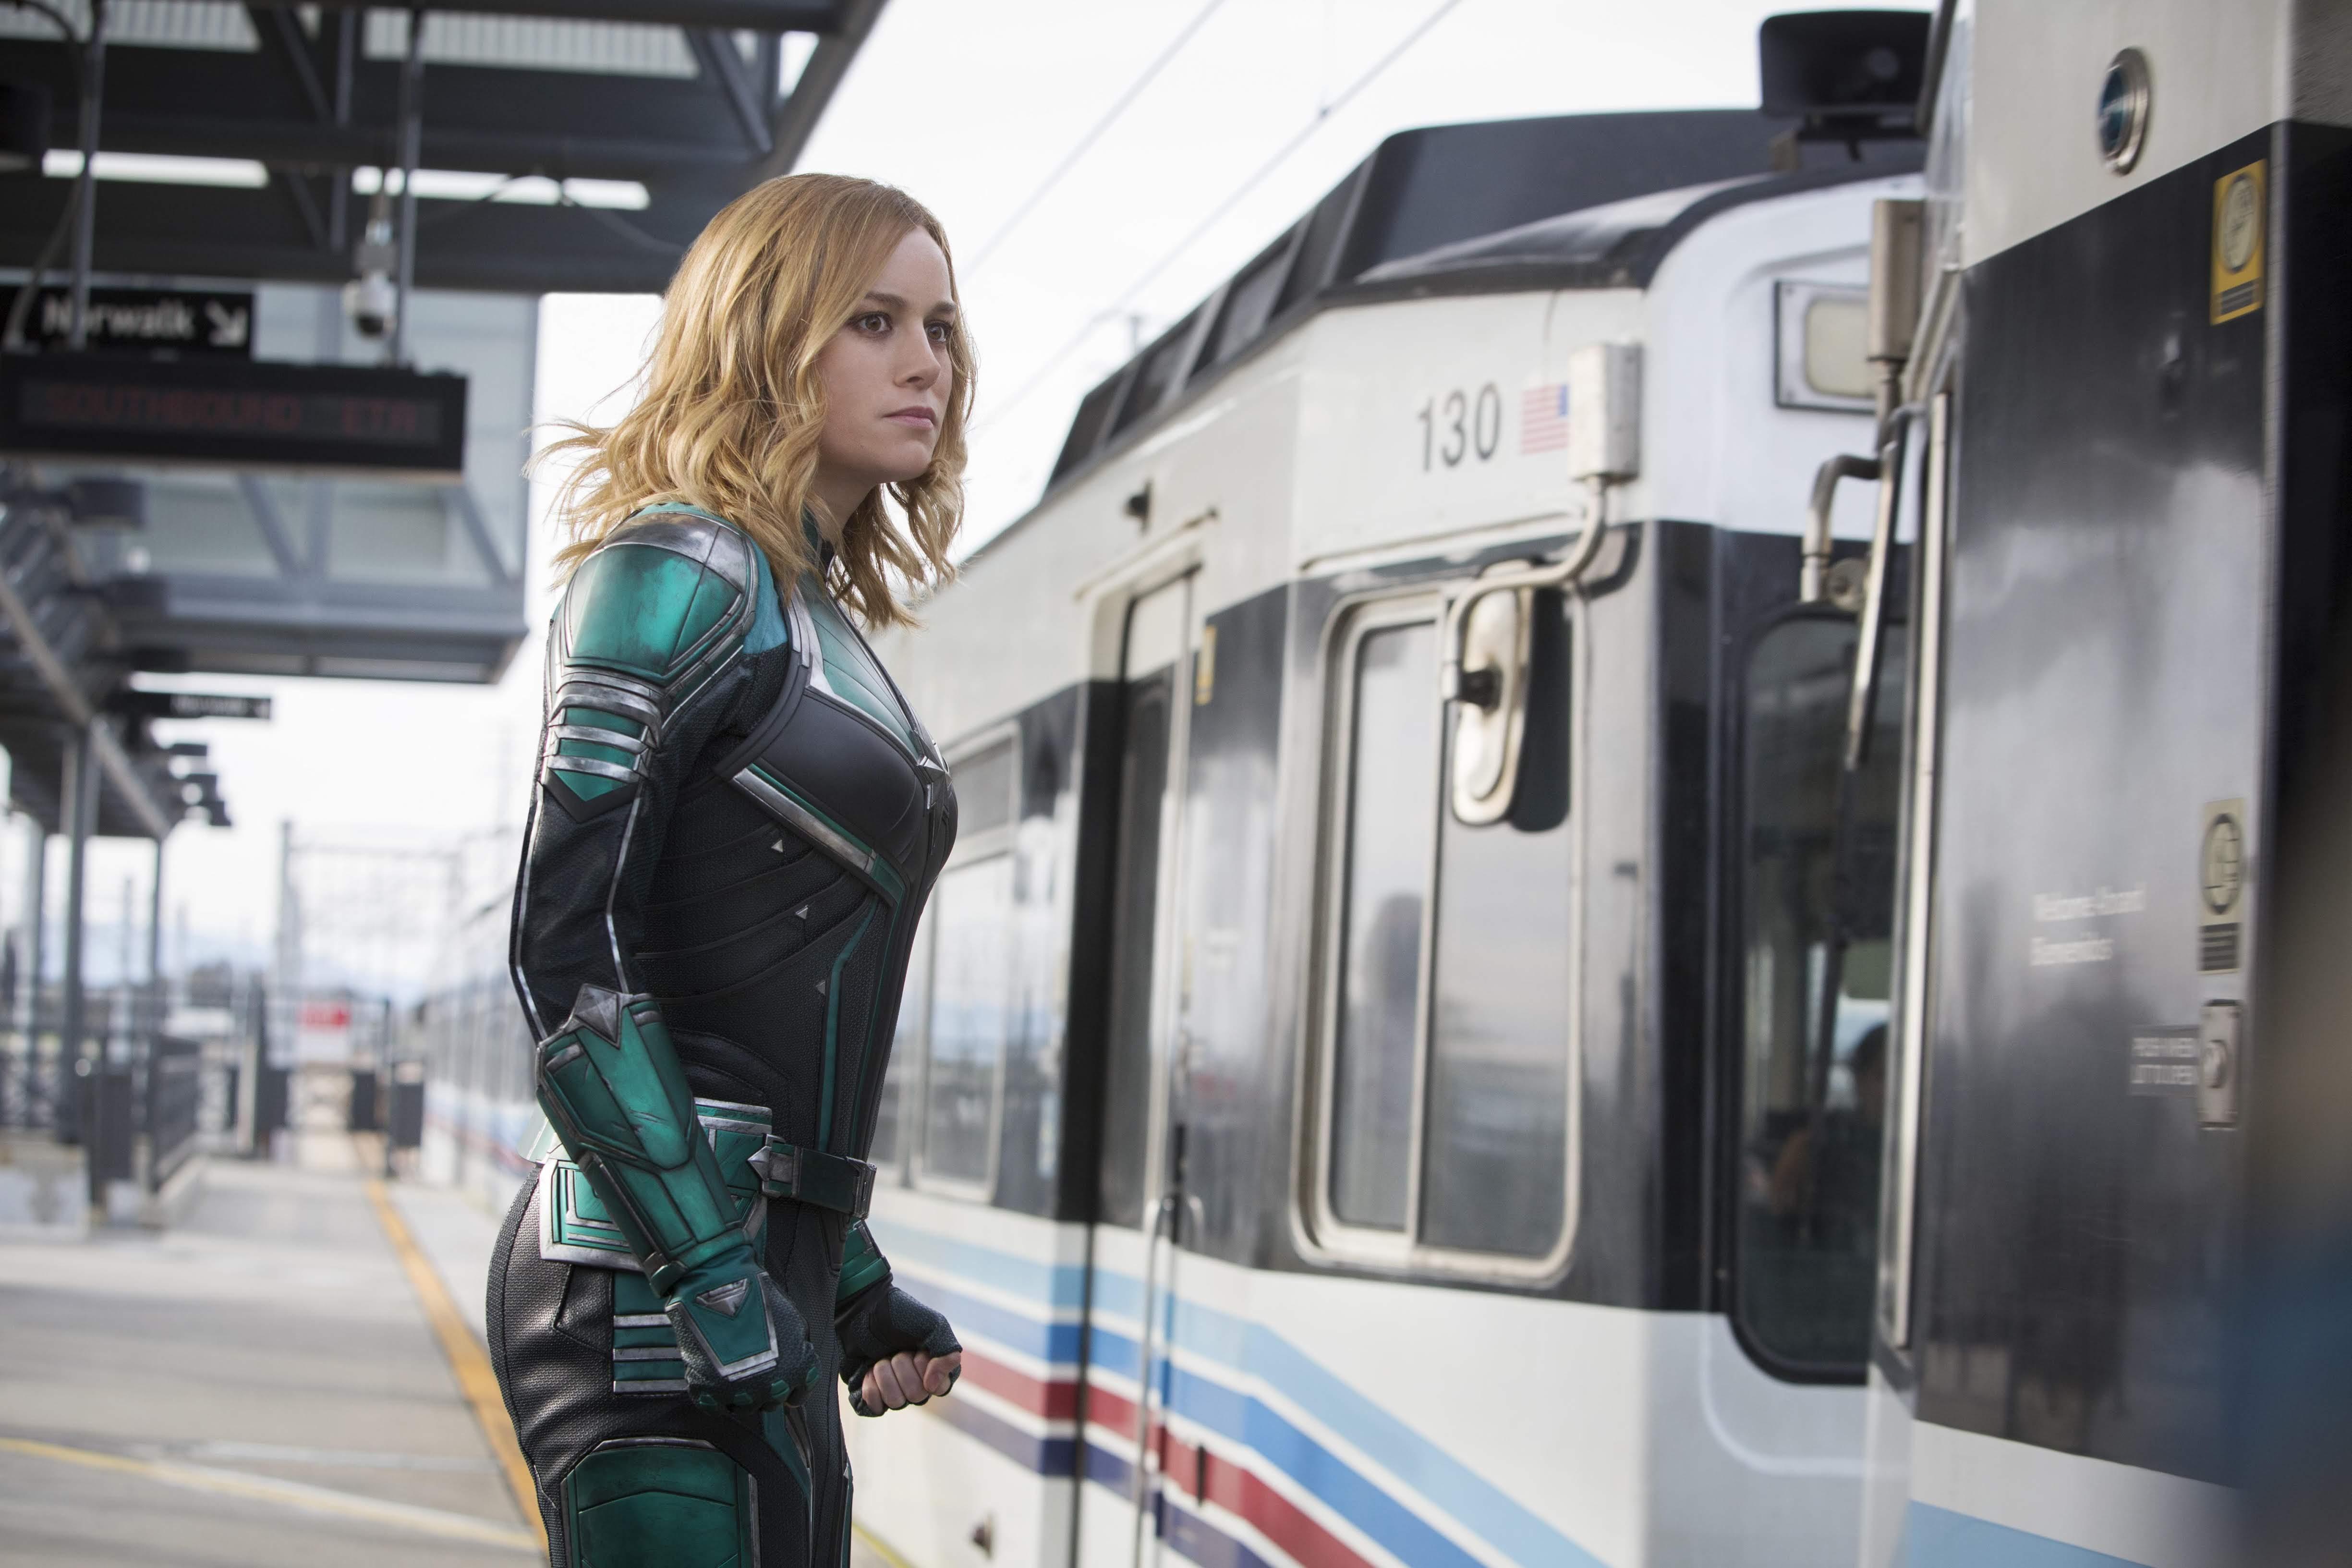 【Spoiler】Captain Marvel - The Art of the Movie : 【ネタバレ注意】来たる週末に全米で公開のマーベルの戦うヒロイン映画「キャプテン・マーベル」の世界を紹介した豪華本に掲載されていた驚きのコンセプト・アート ! !